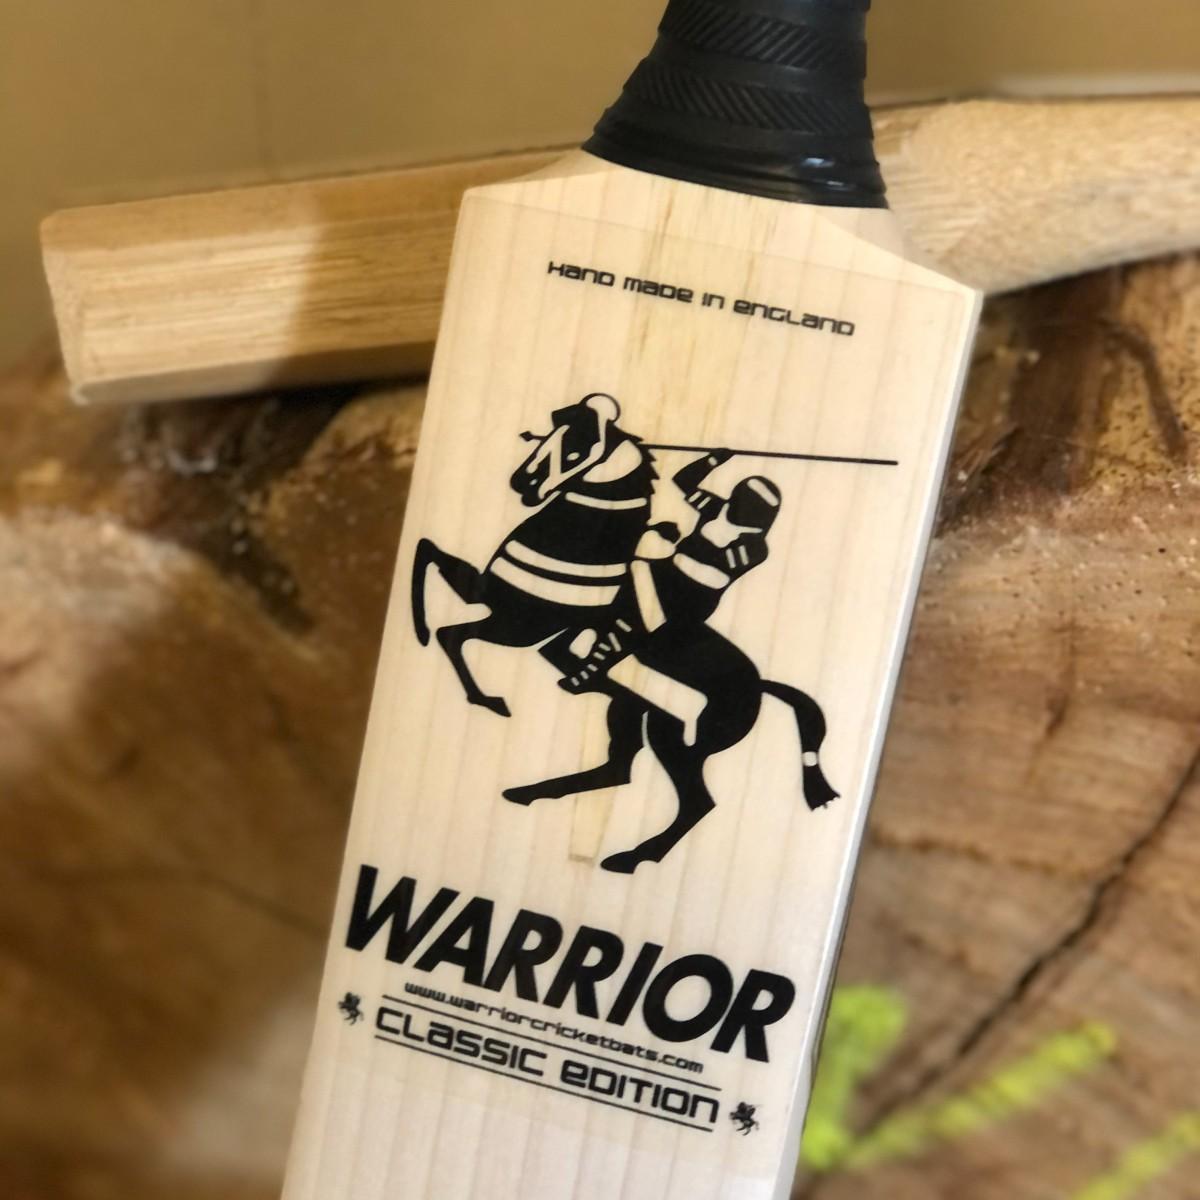 Warrior Classic Cricket Bat